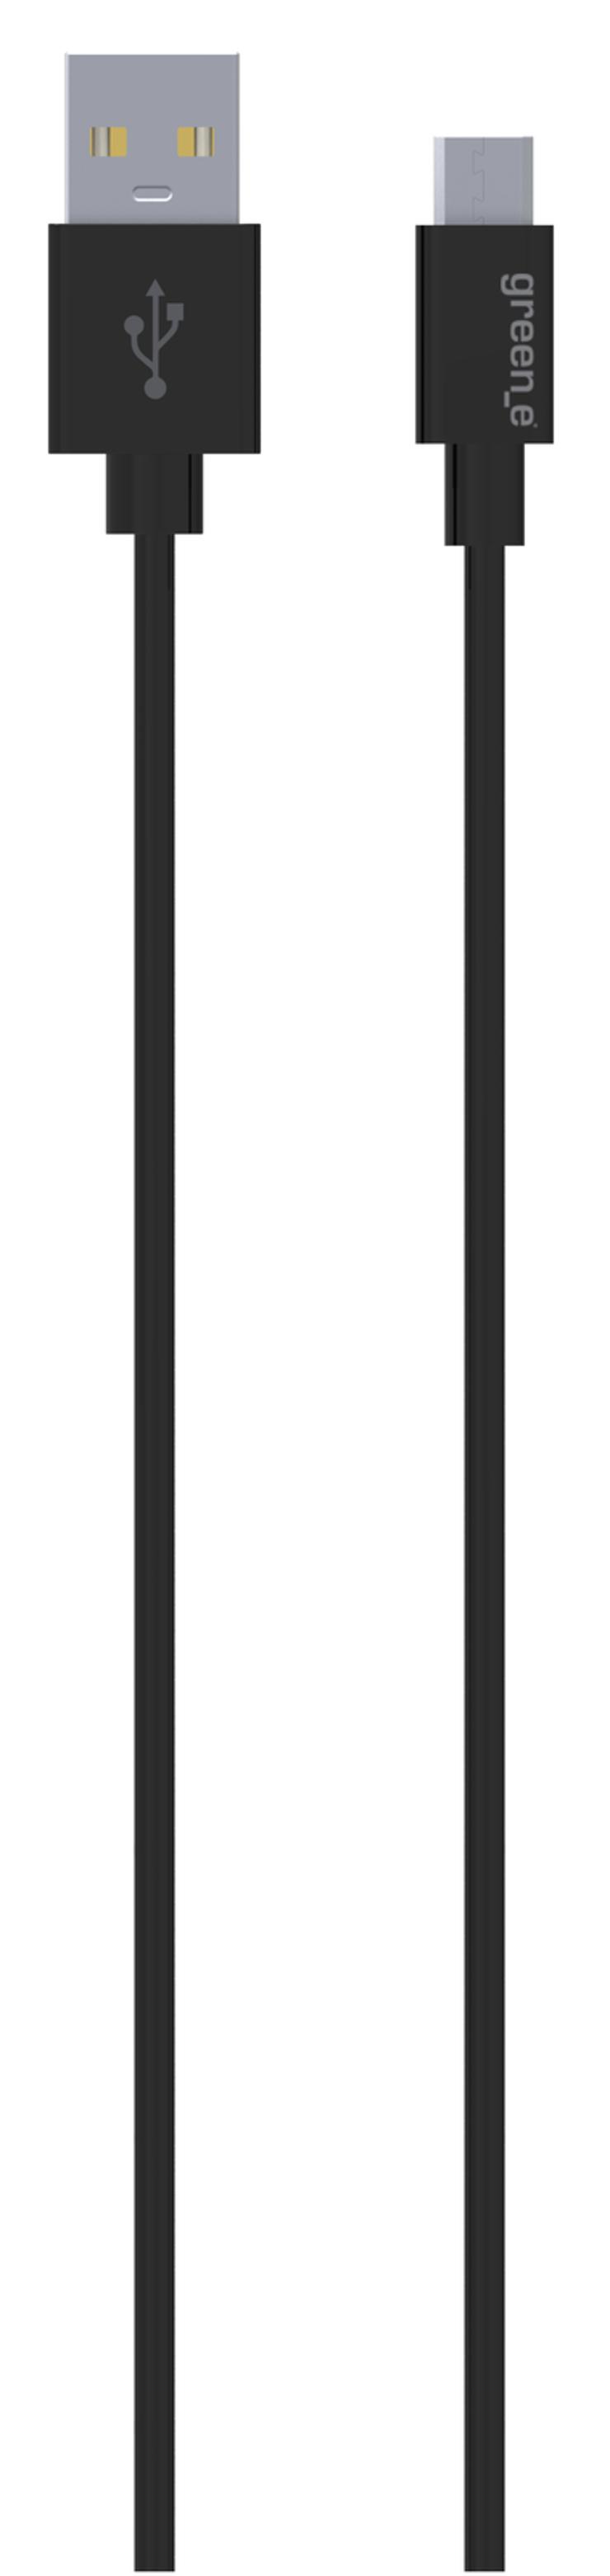 KIT CHARGEUR SECTEUR TURBO 1 X 2.4A + CORDON MICRO USB + HOUSSE DE TRANSPORT gr3006-1